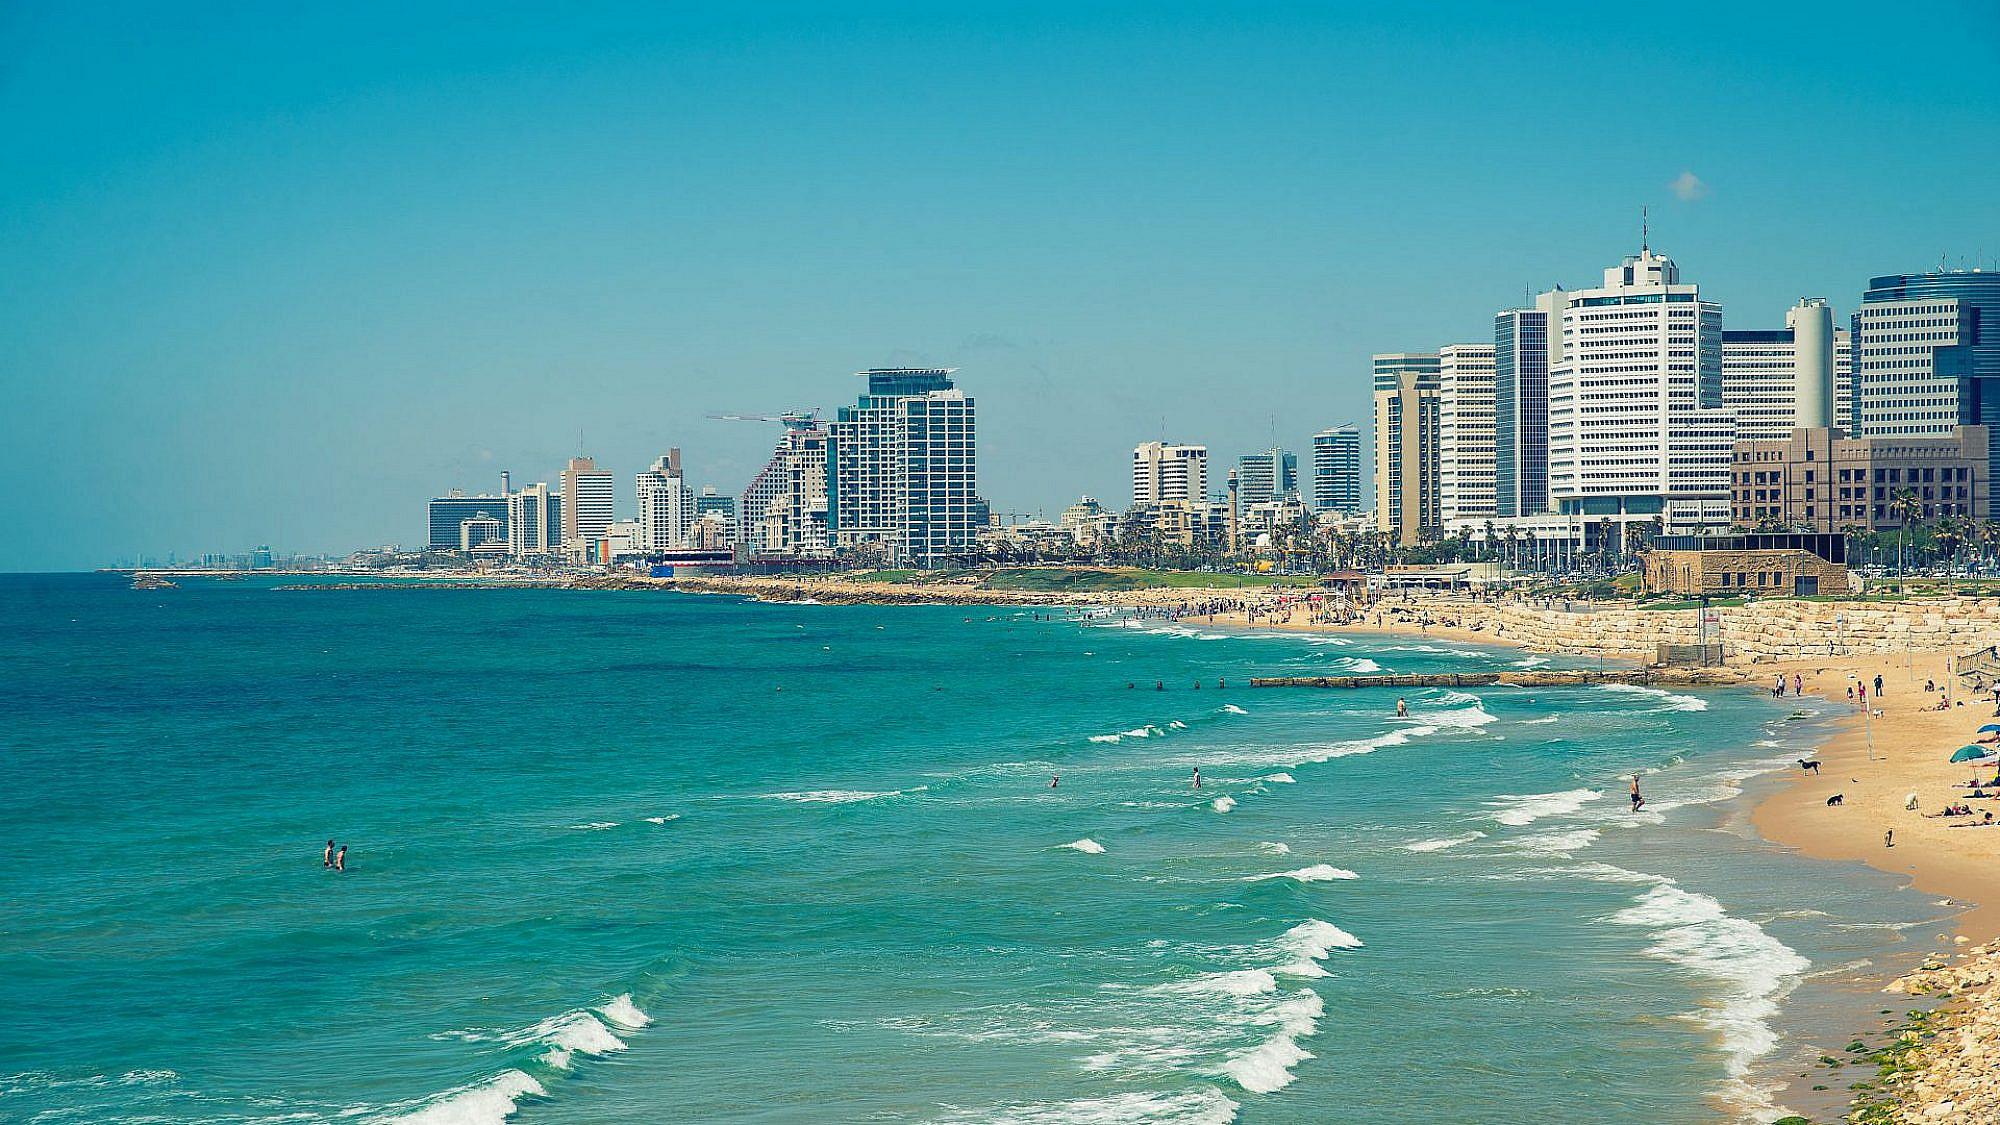 חוף הים בתל אביב. צילום: שאטרסטוק